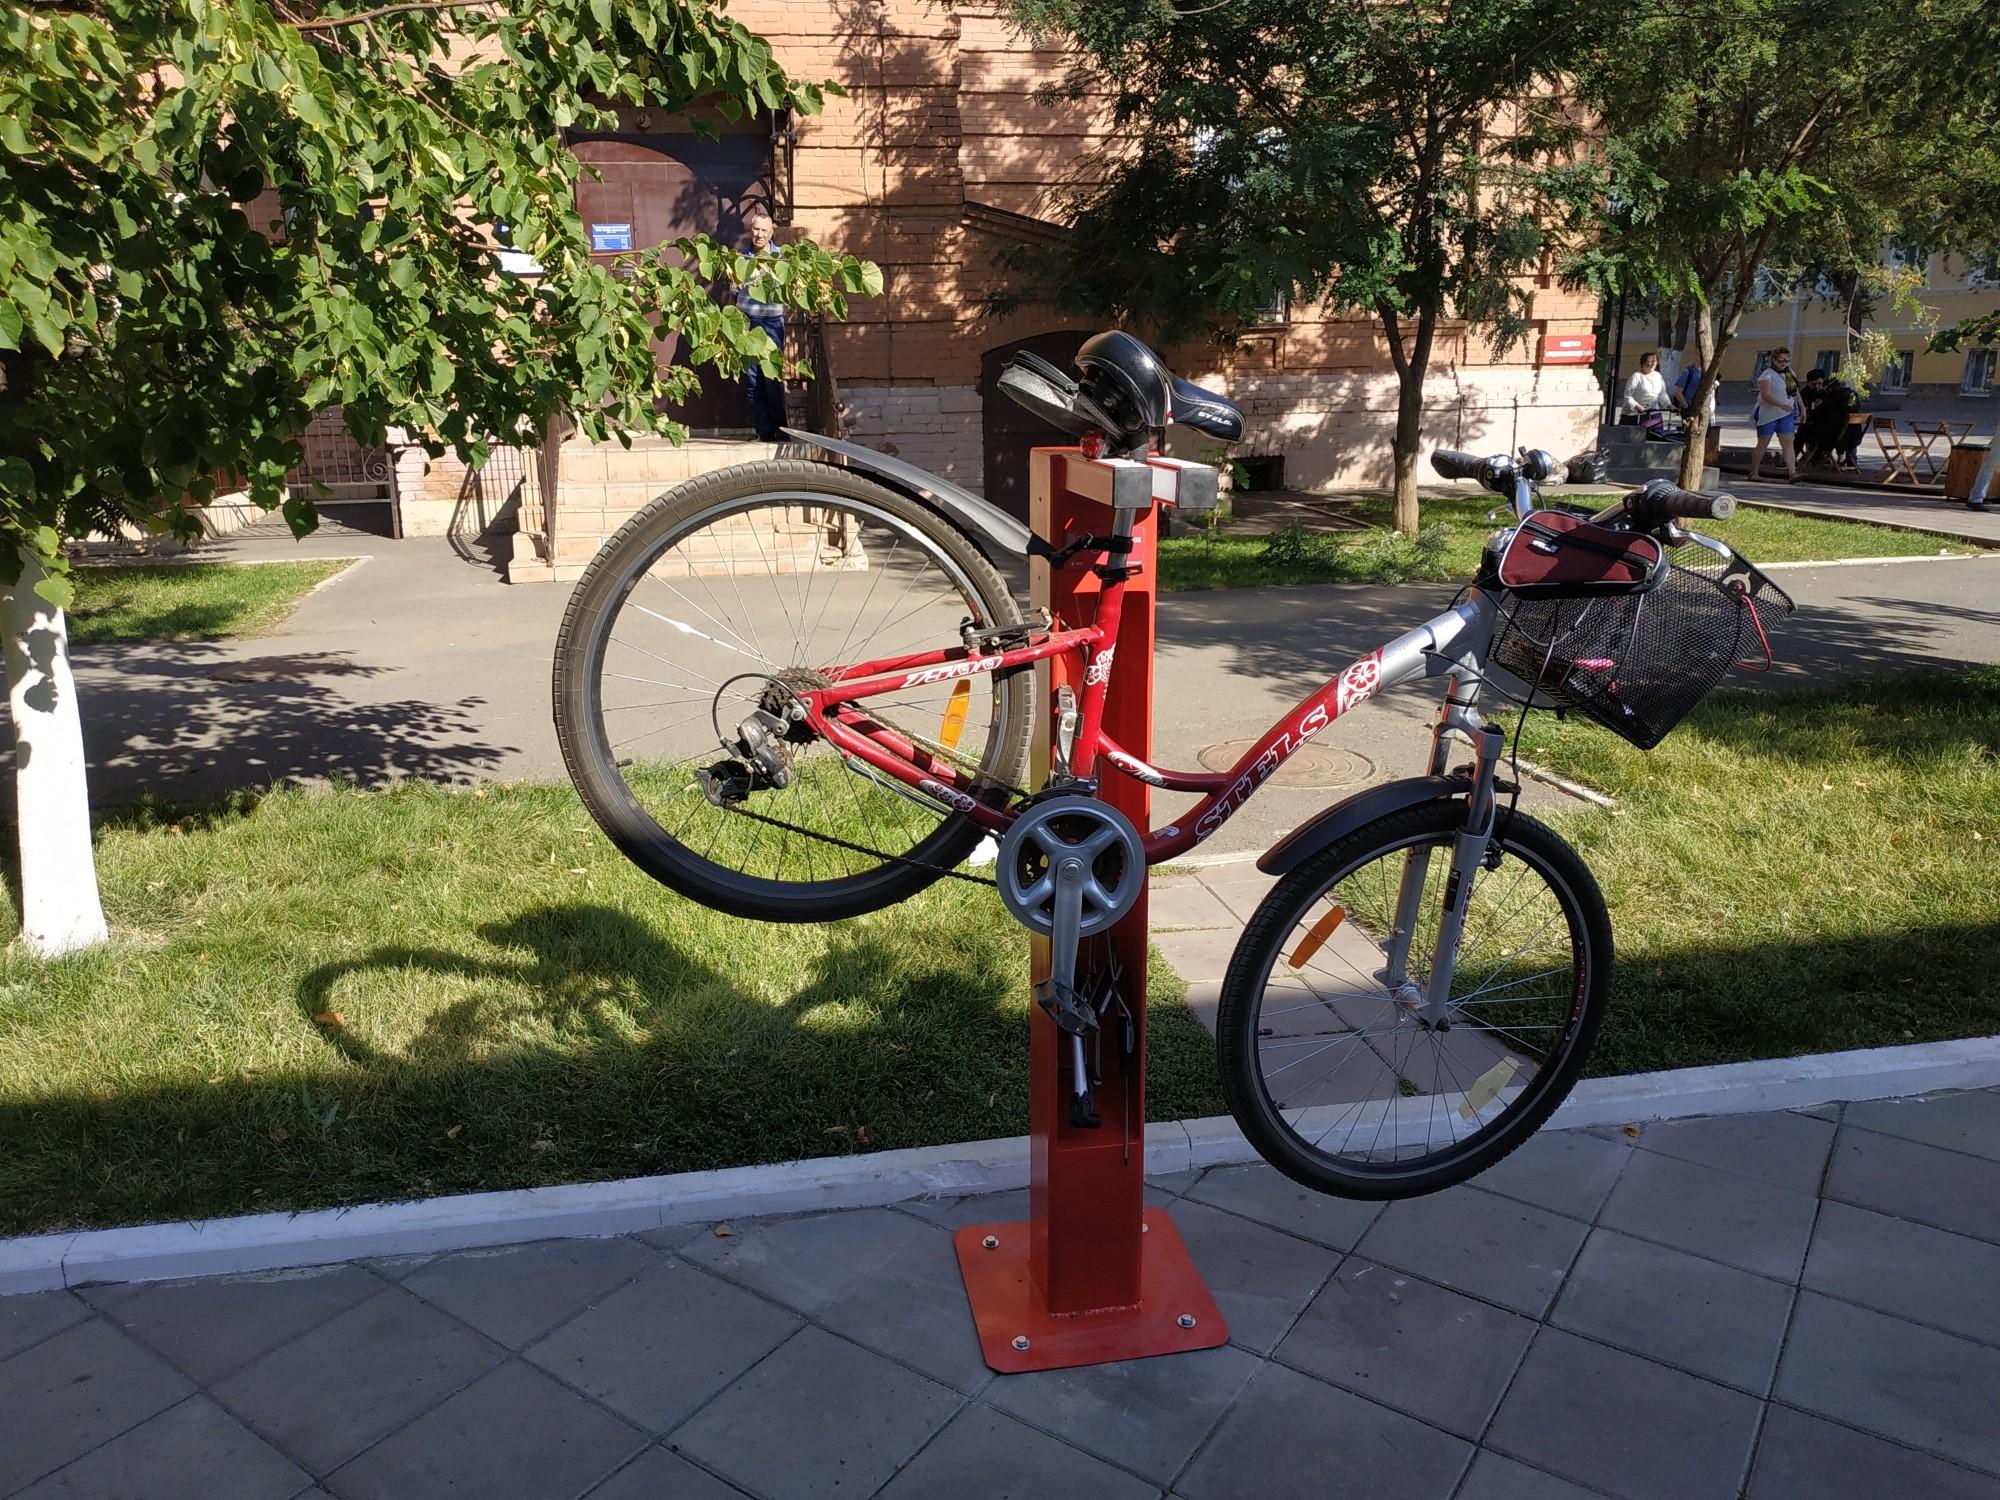 В Челябинске появятся 2 уличные станции для ремонта велосипедов